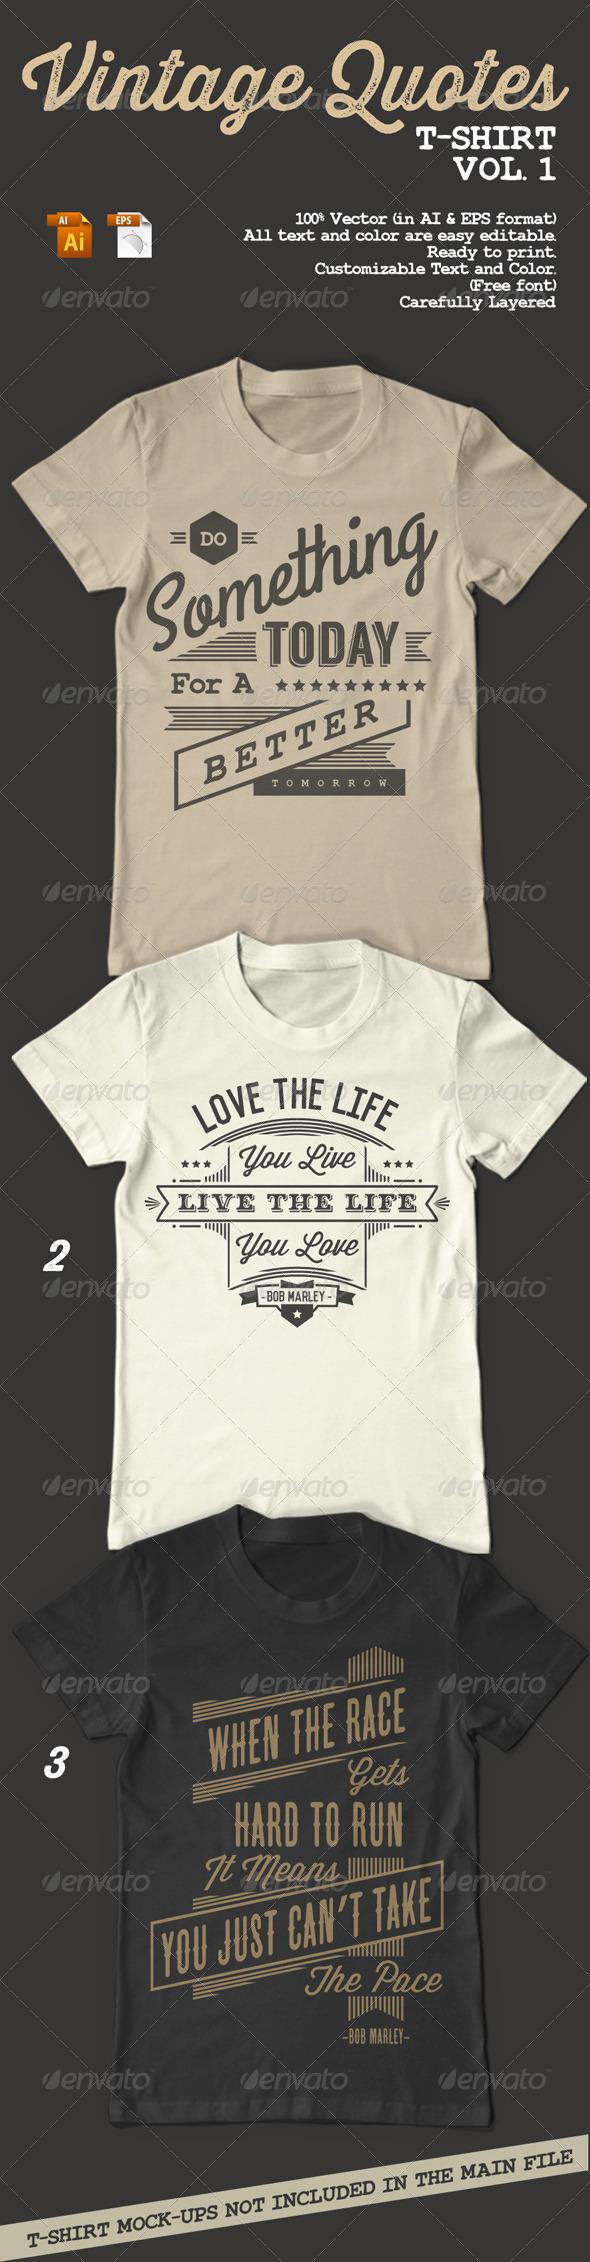 GraphicRiver Vintage Quotes T-Shirt Vol 1 8676587